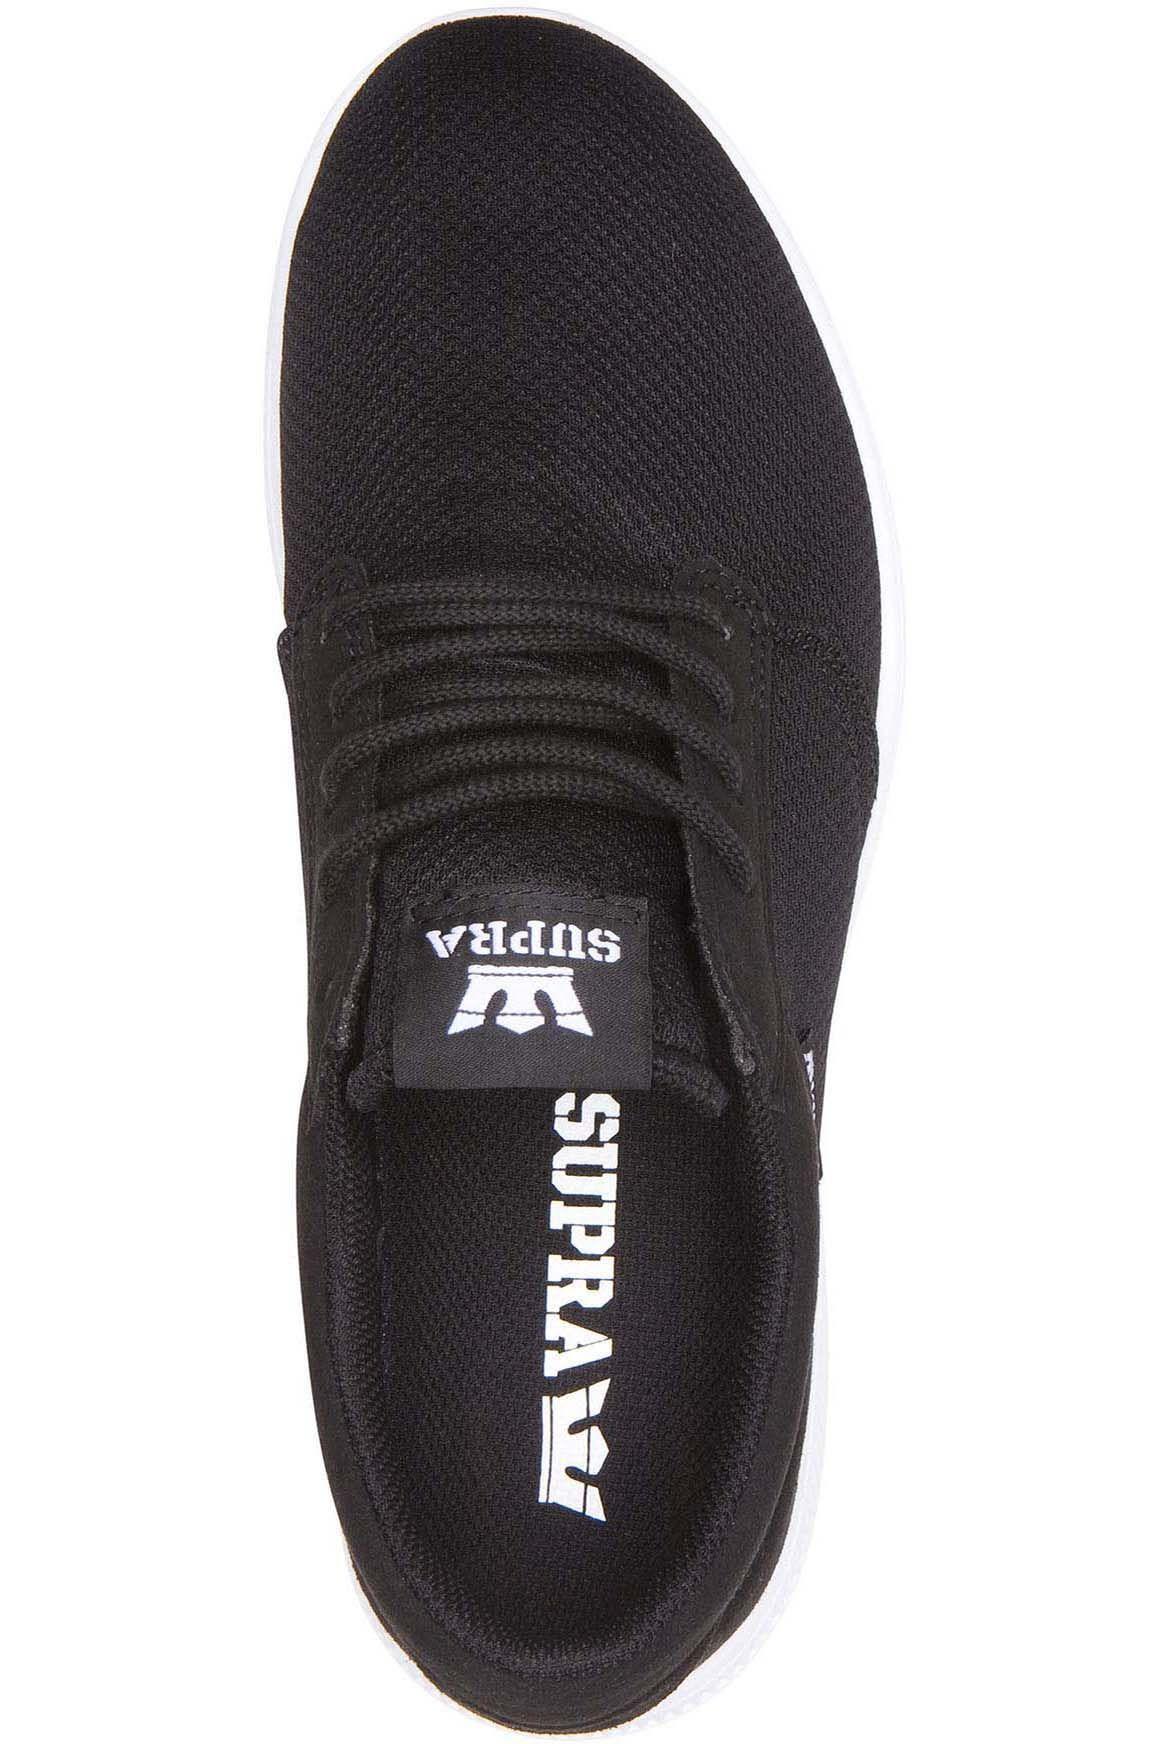 Supra Shoes HAMMER RUN Black/White/White